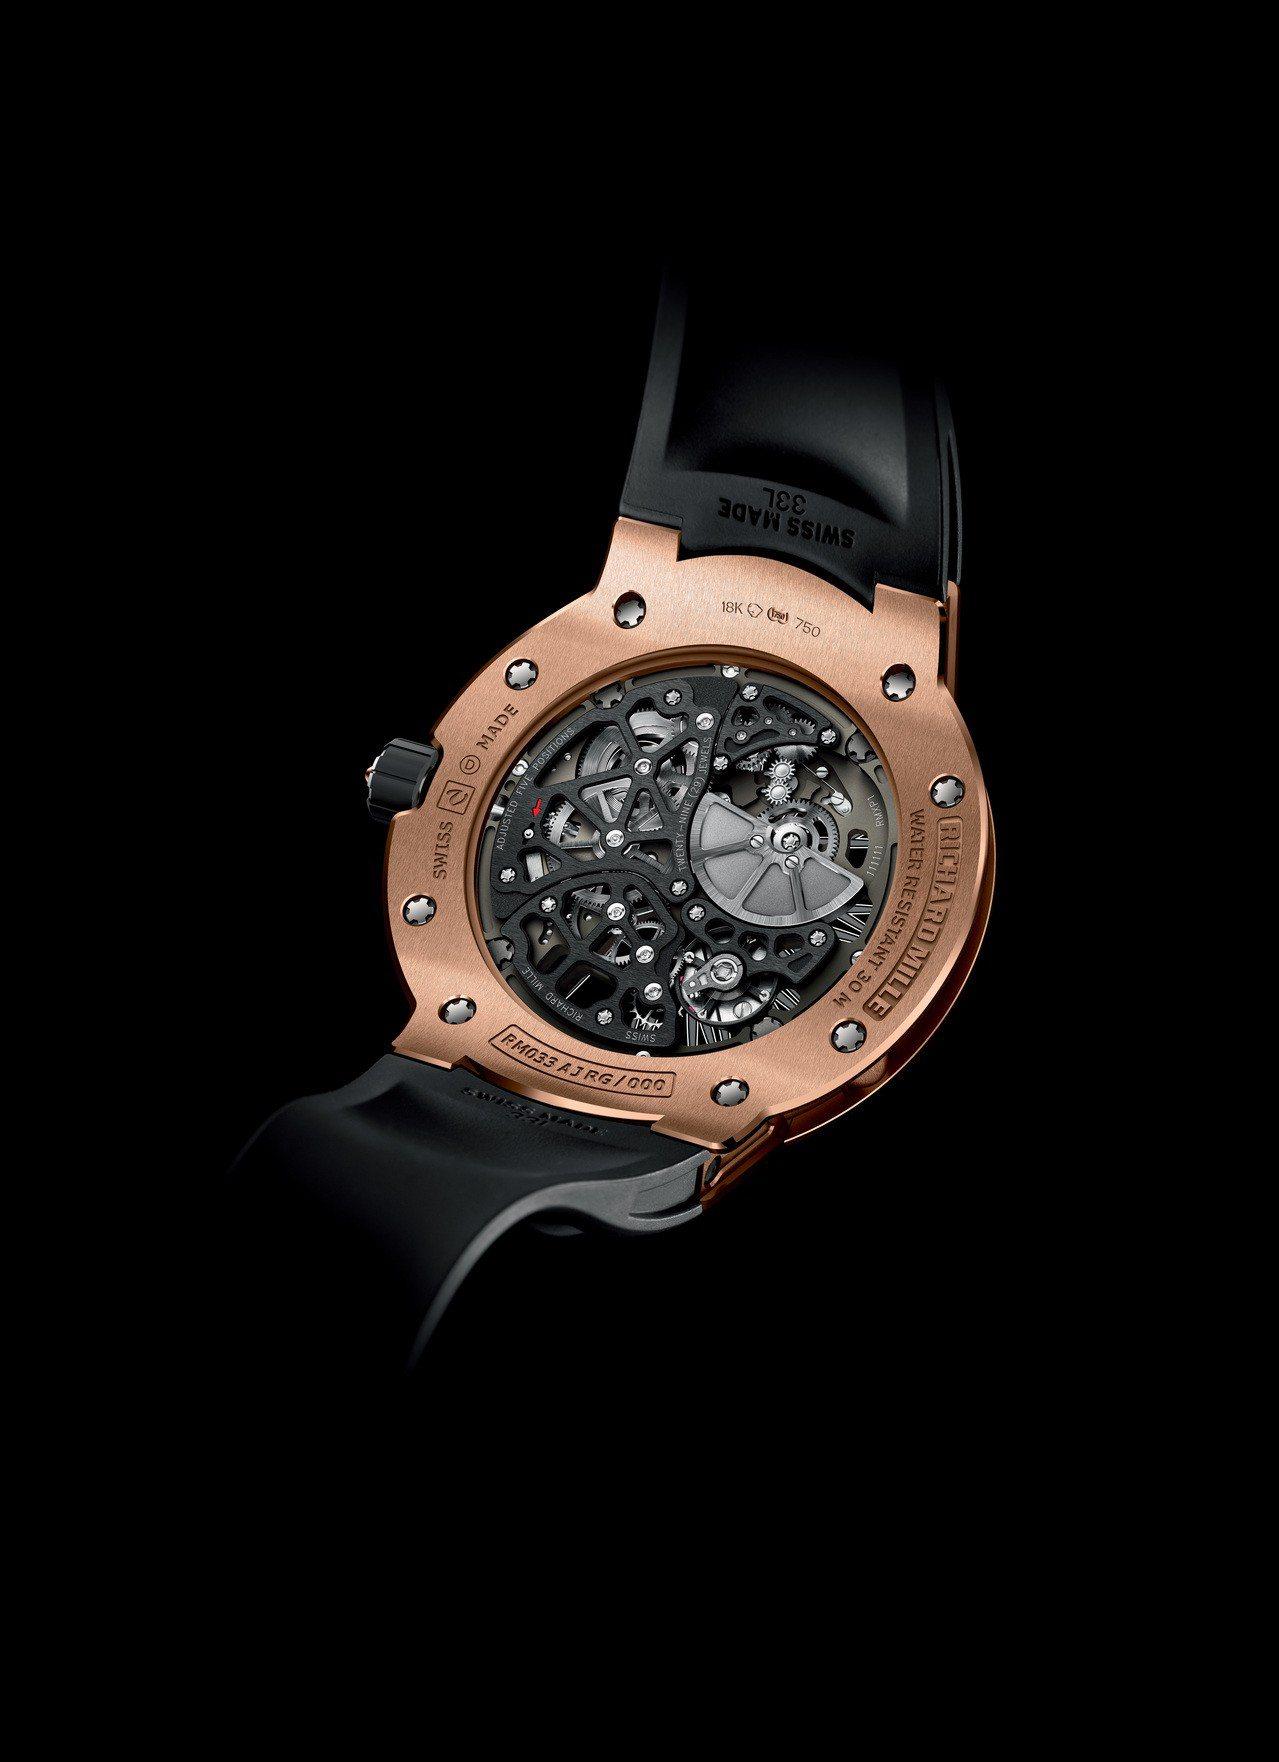 RICHARD MILLE RM033超薄腕表,從藍寶石水晶玻璃底蓋即可見到,以...